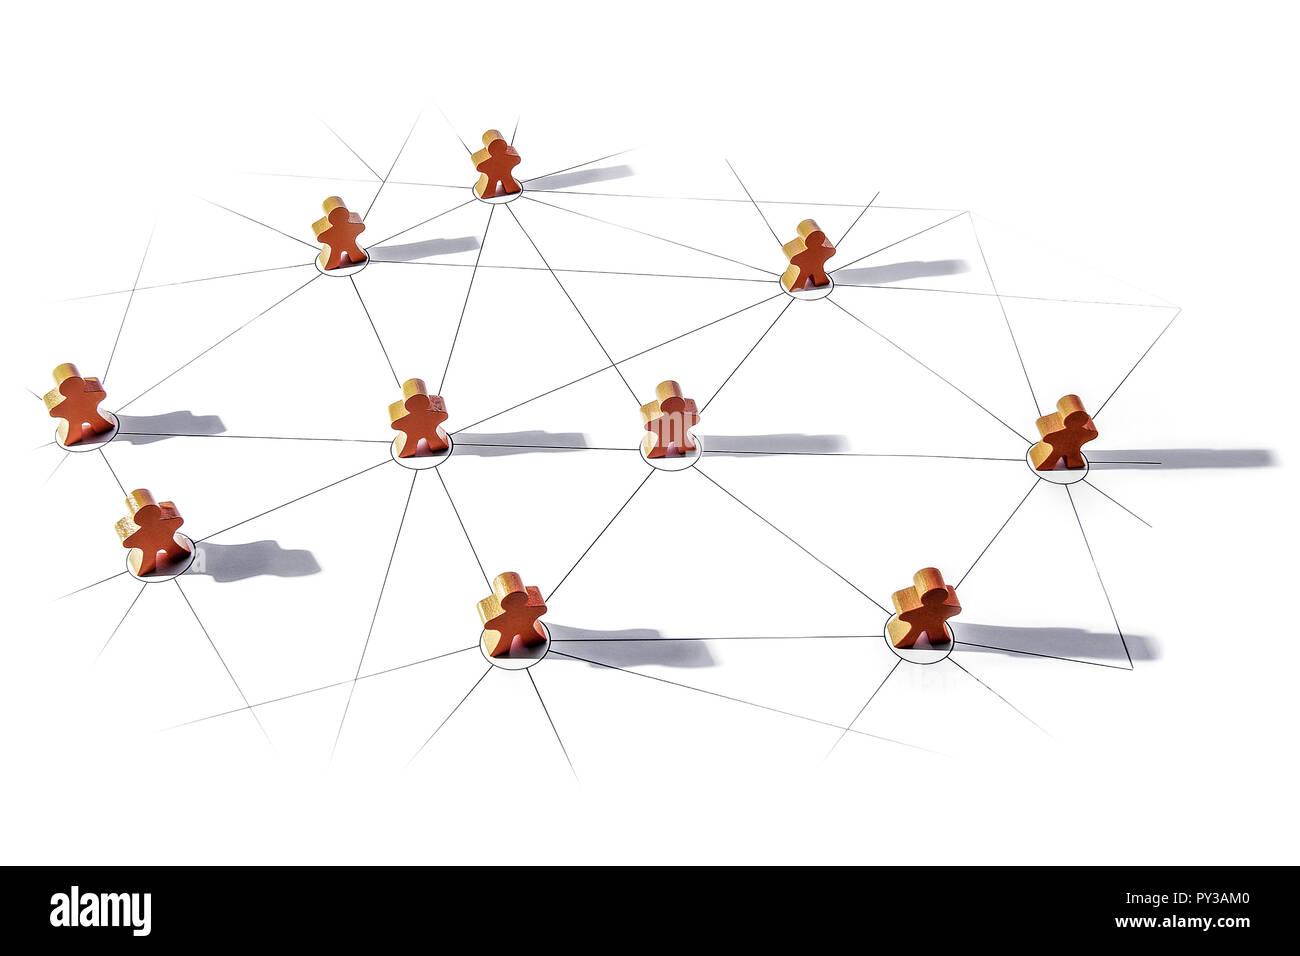 Kleine Holzfiguren stehen auf Netz aus Linien - Stock Image